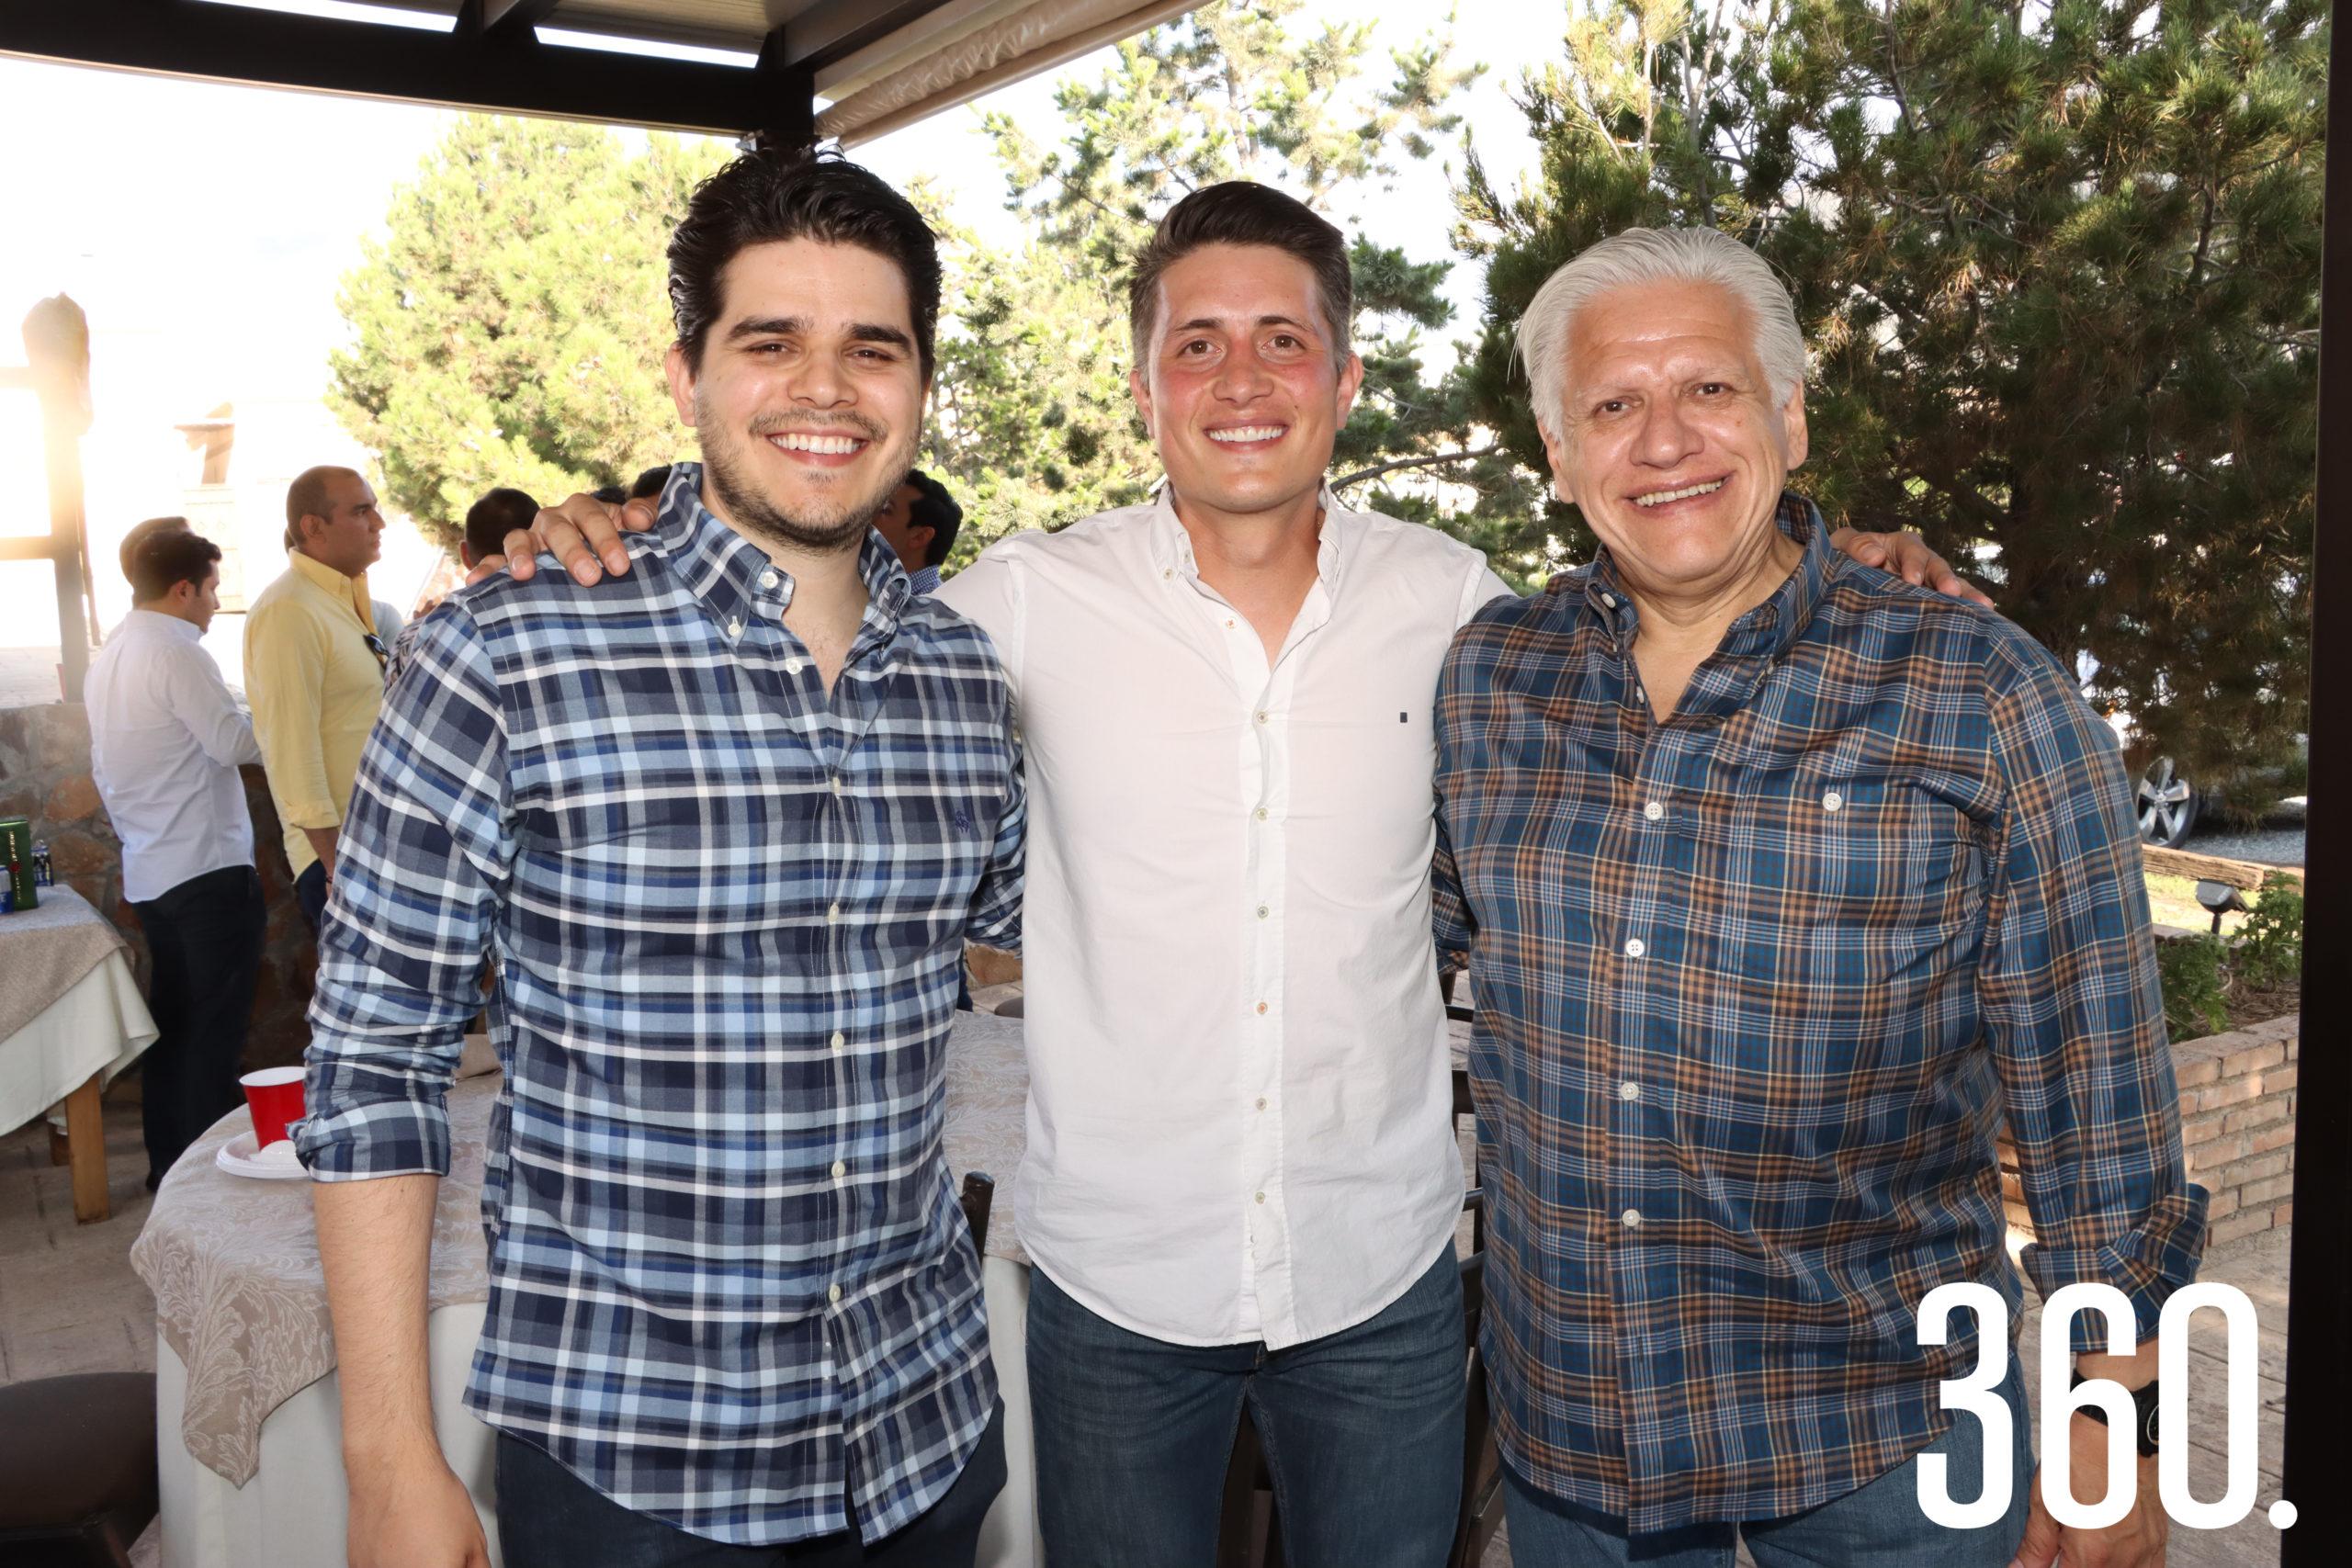 Diego y Enrique Castillo, hermano y padre de la novia, acompañaron a Alberto Prado en su despedida.